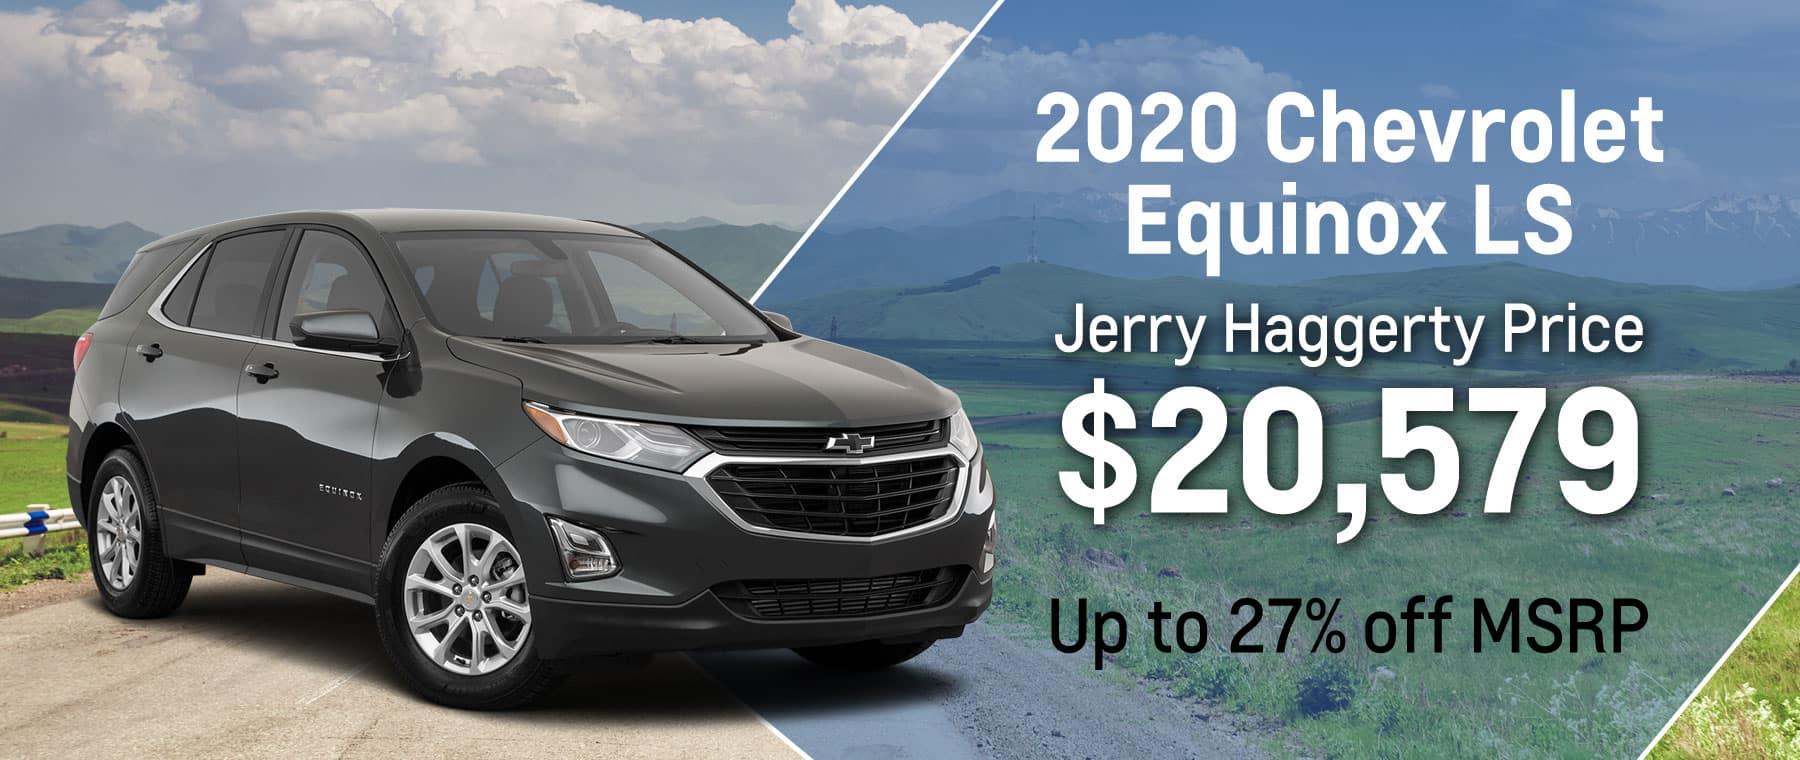 2020 Equinox LS April 2021 Offer